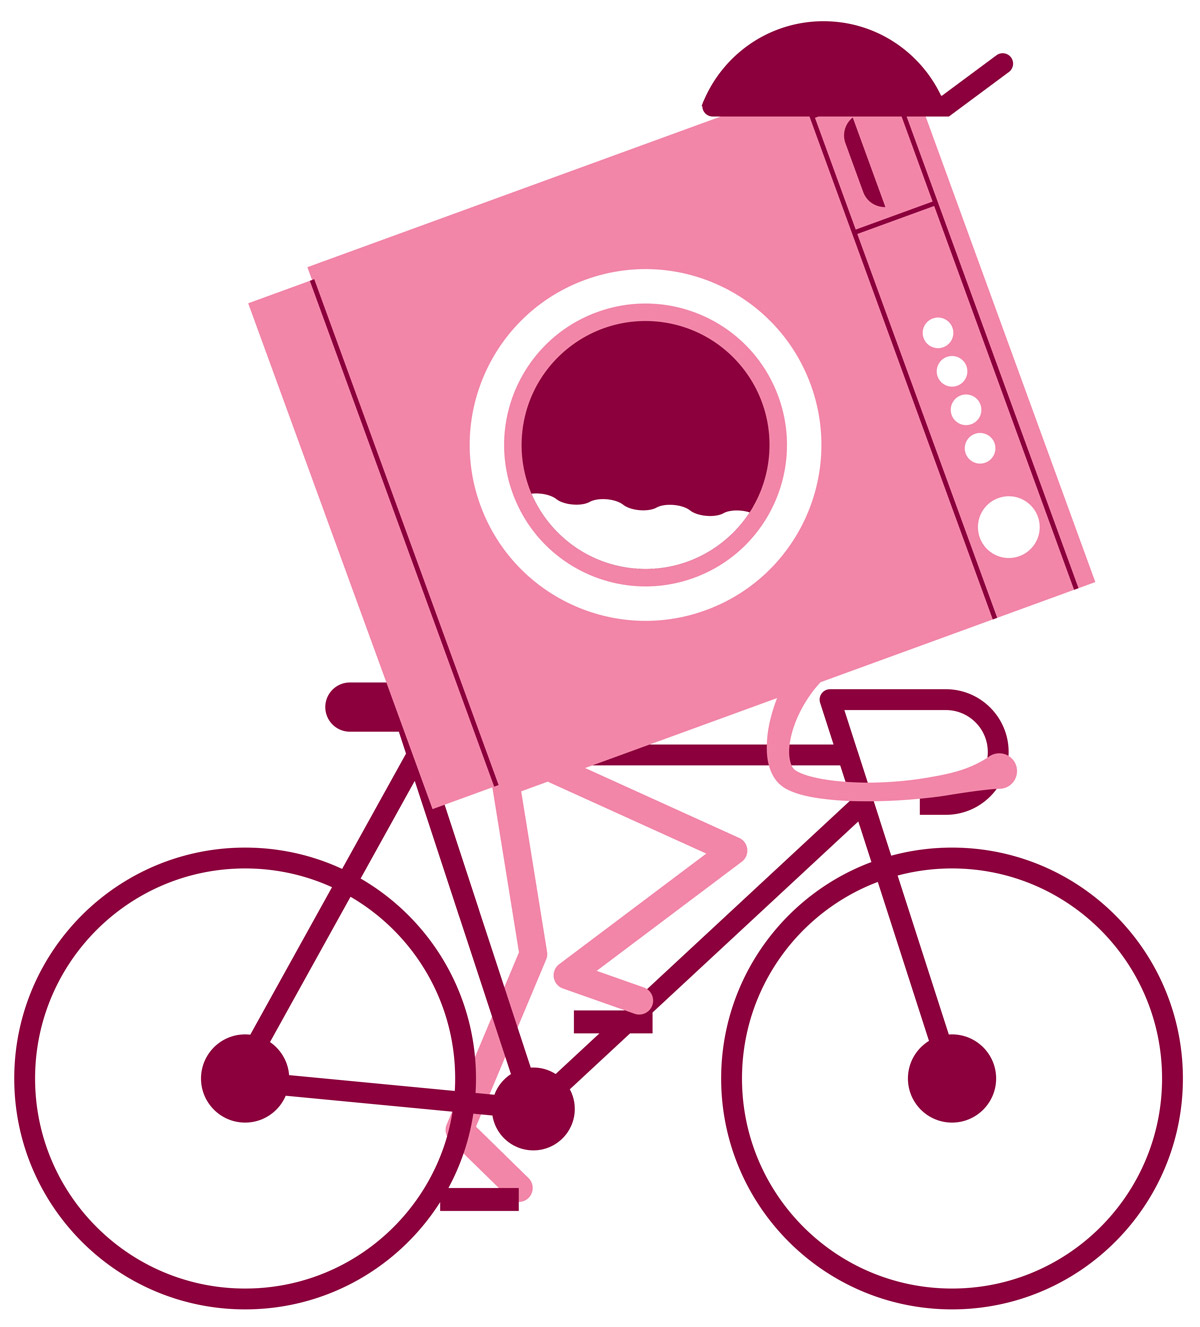 bams_icons_bike